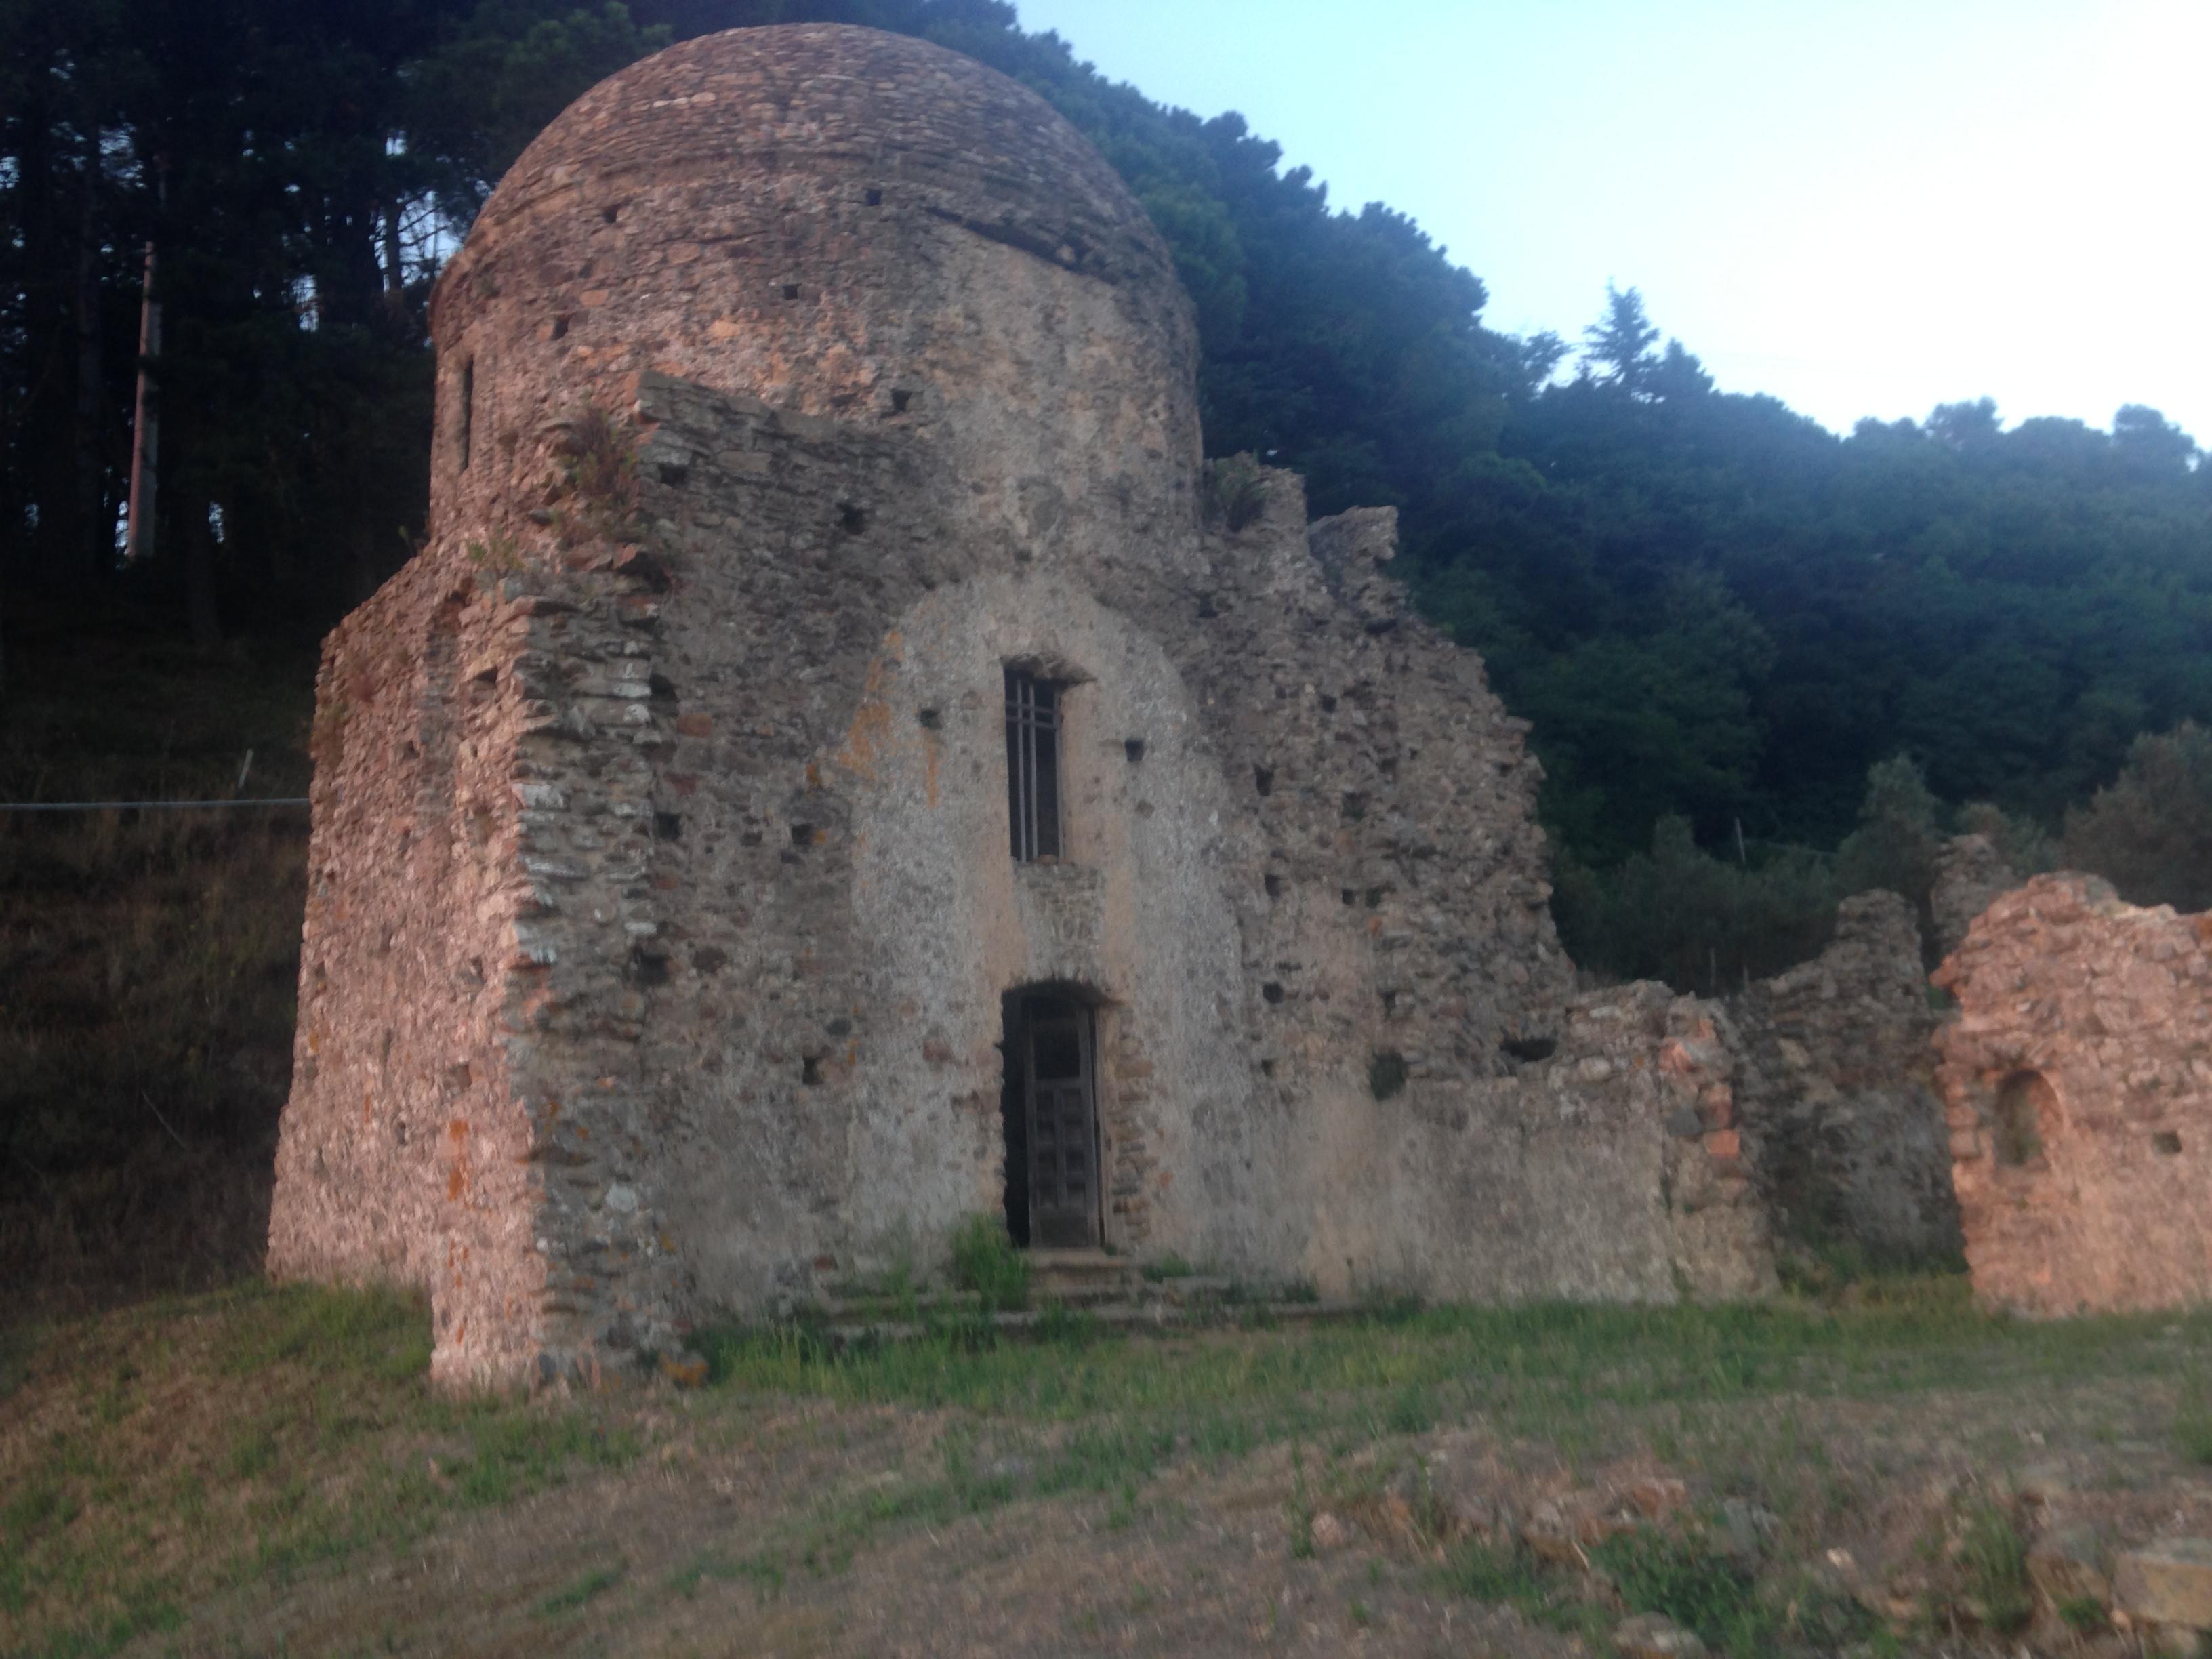 Monastero di Sant'Elia vecchio, ILPLATANO DI VRISI E IL MONASTERO DI SANT'ELIA VECCHIO, CURINGA (CZ )